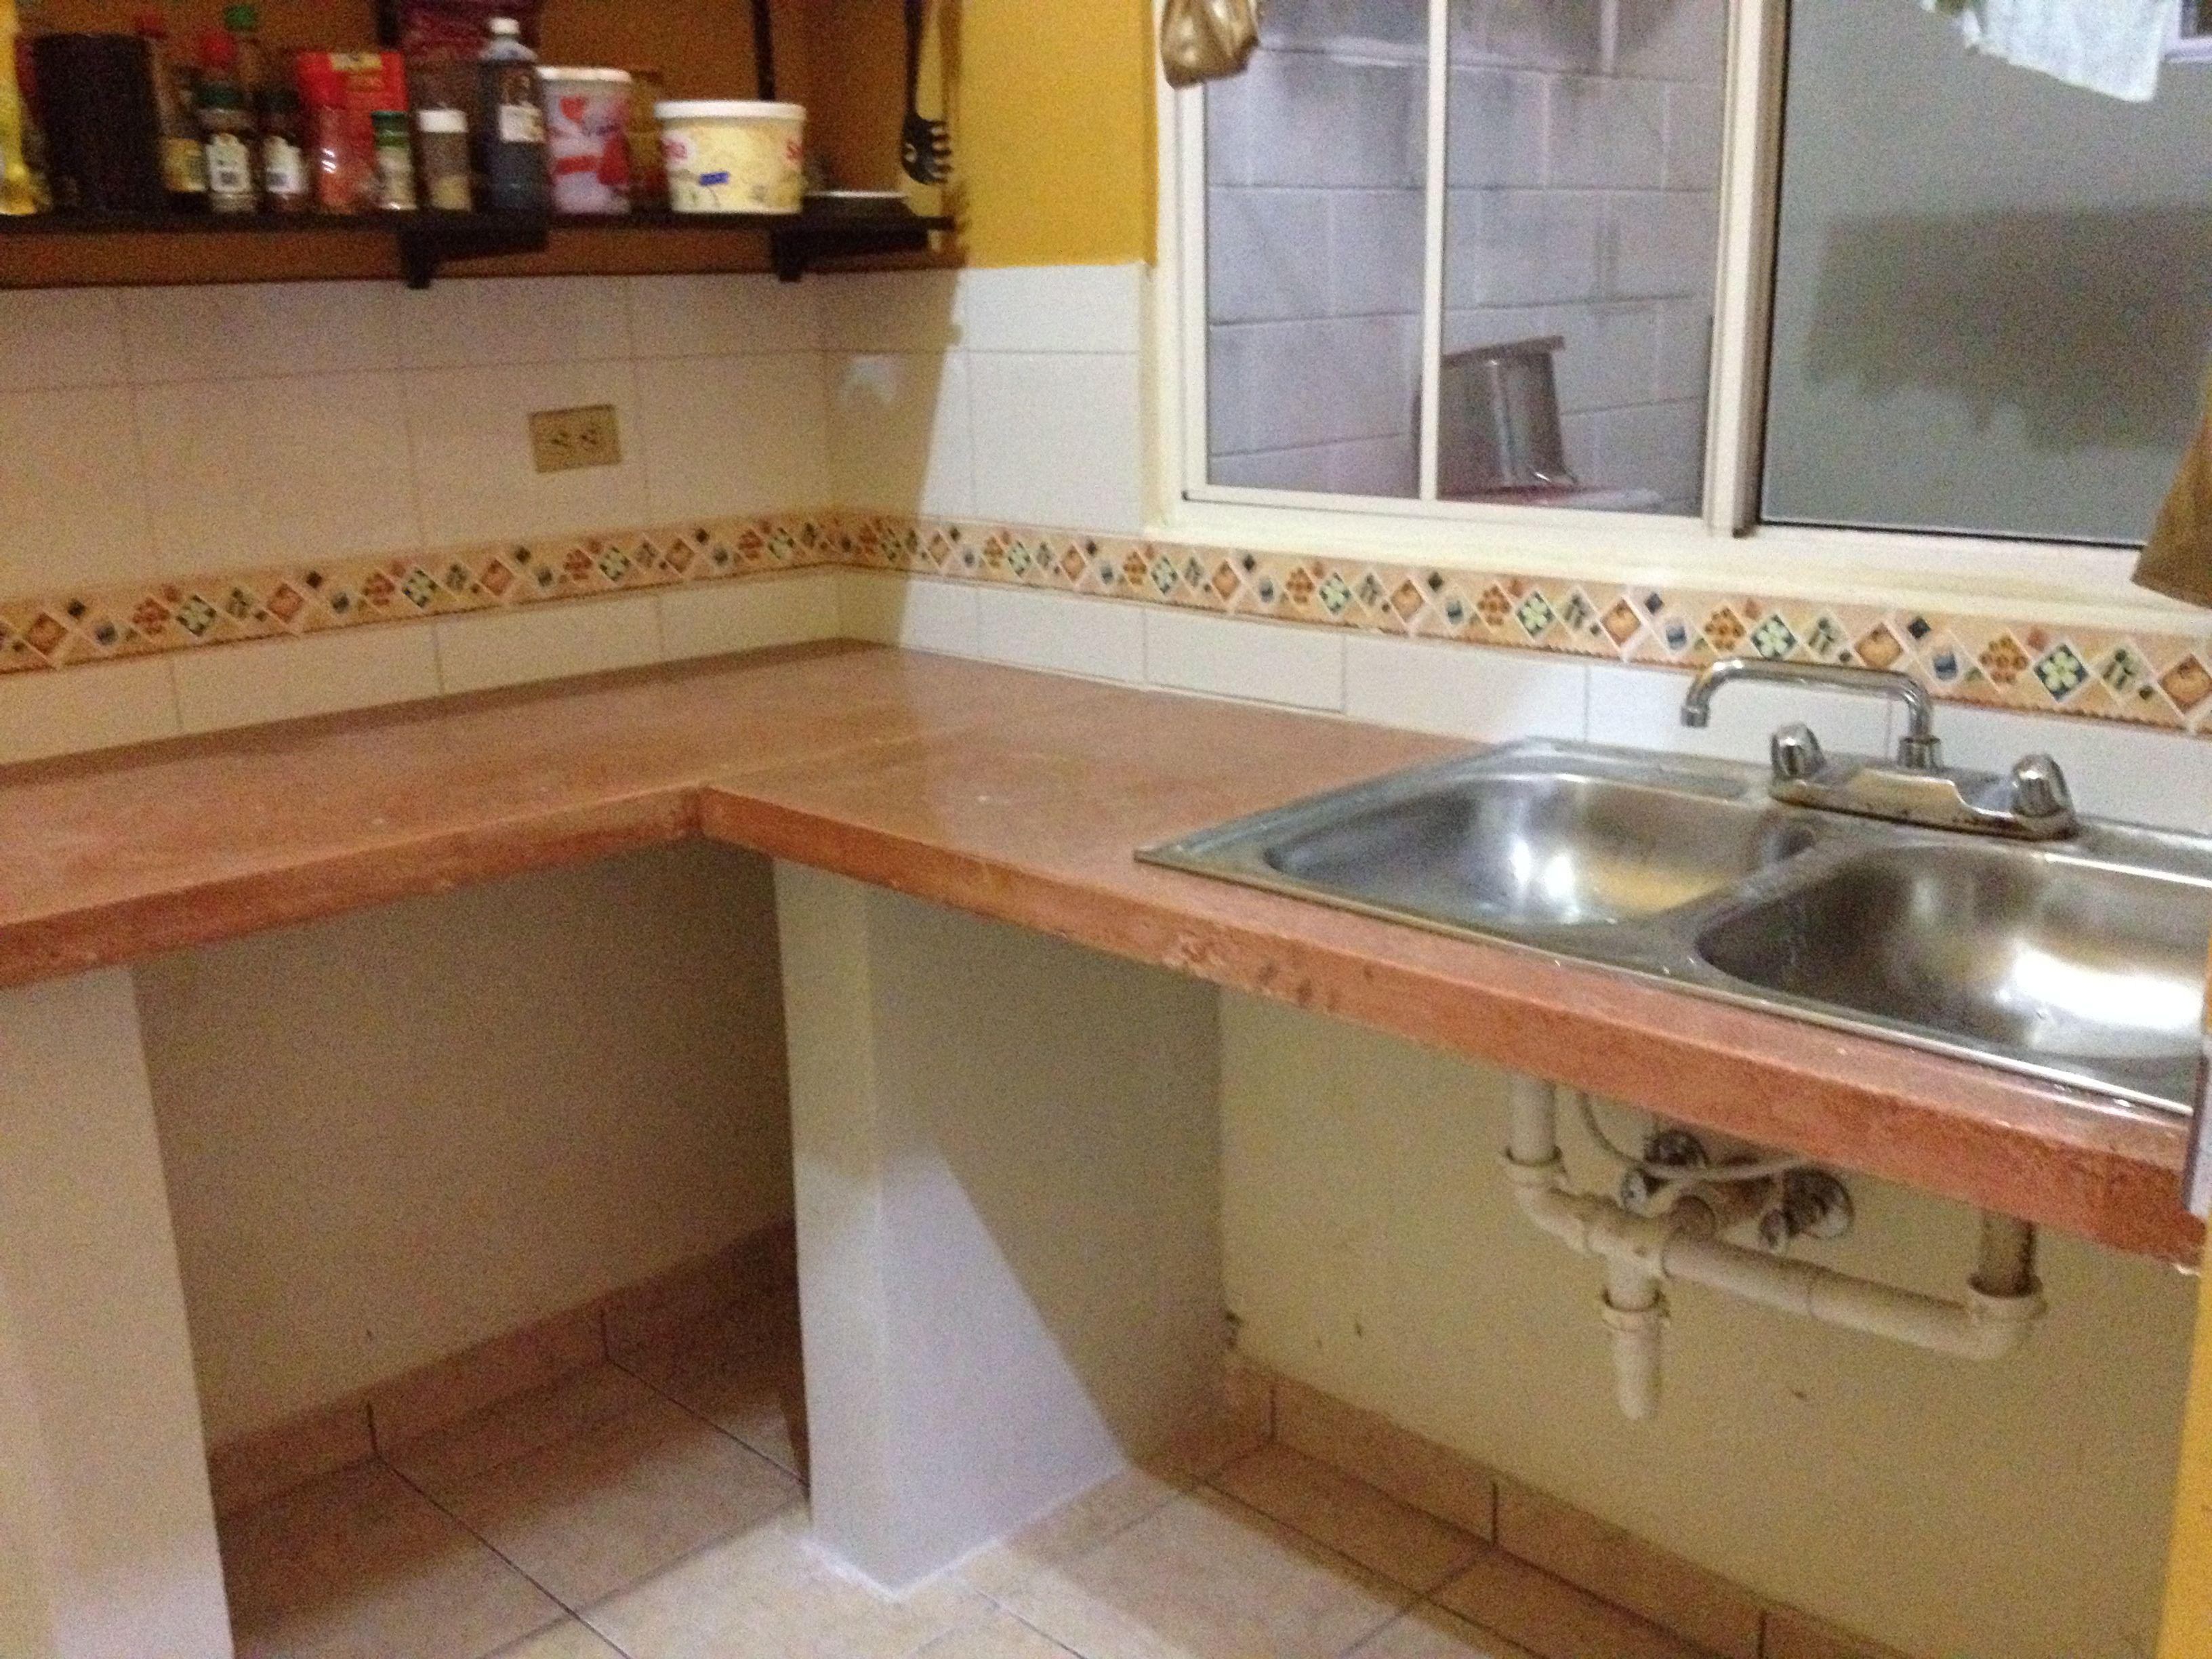 Area de cocina y lavamanos empotrado cubiertas de - Encimeras de cemento ...